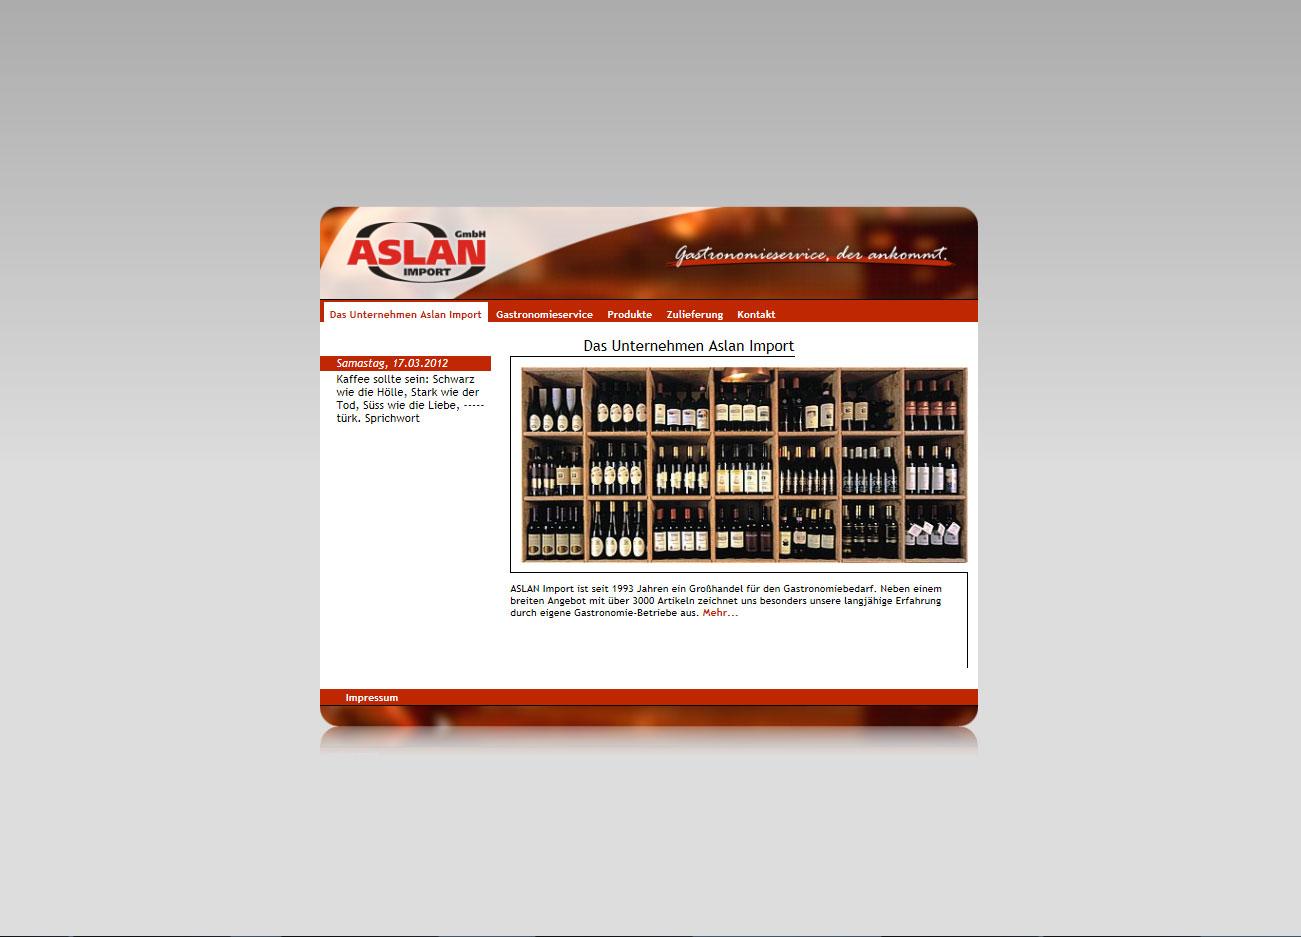 Aslan Import GmbH